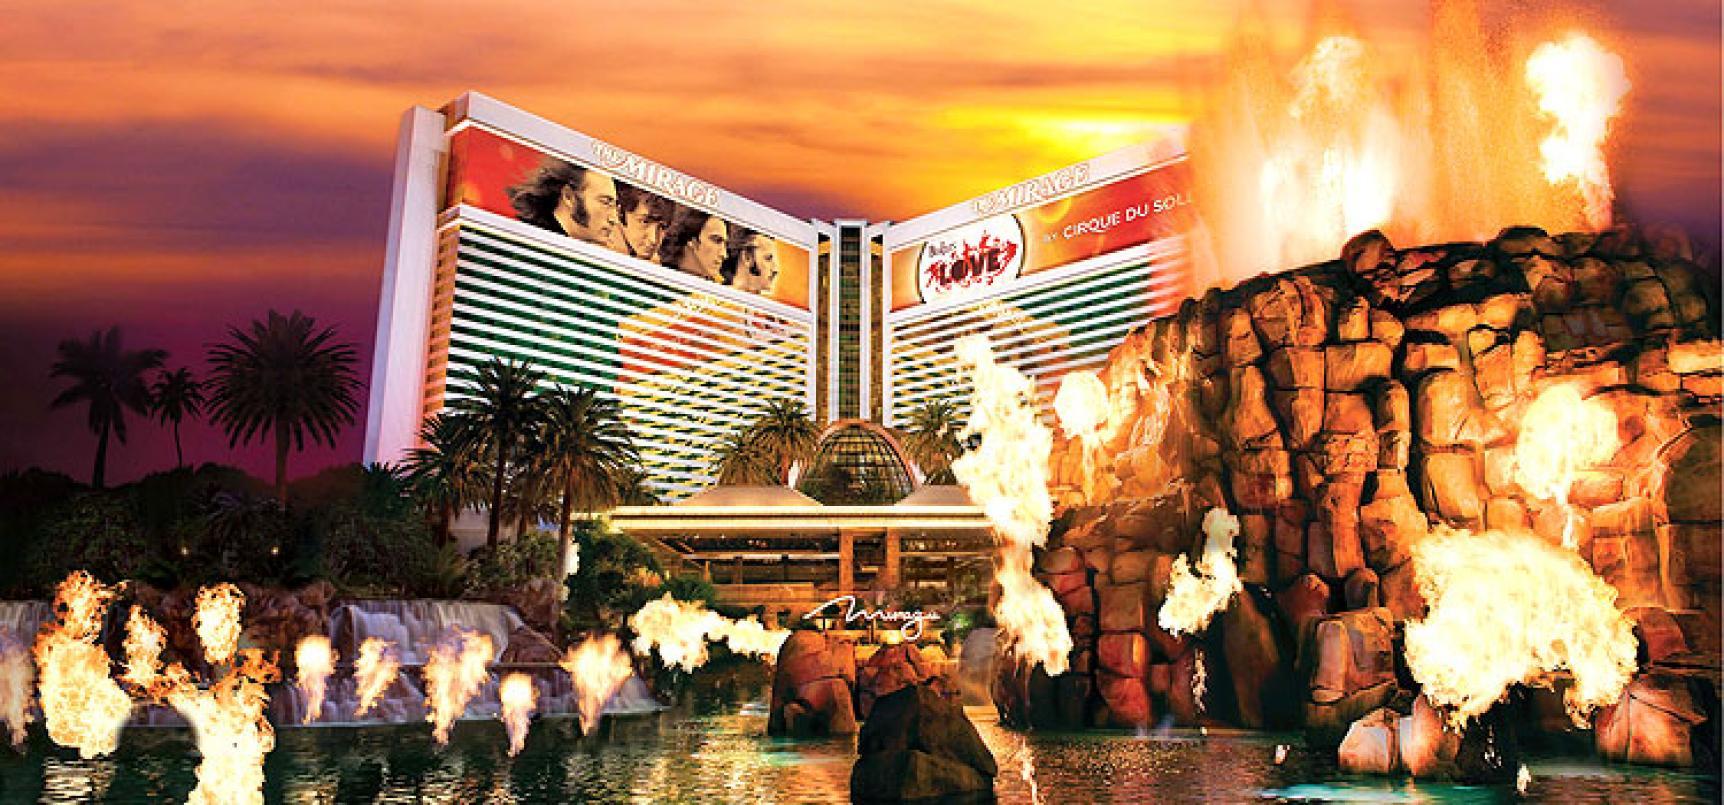 Mirage Hotel und Casino Las Vegas